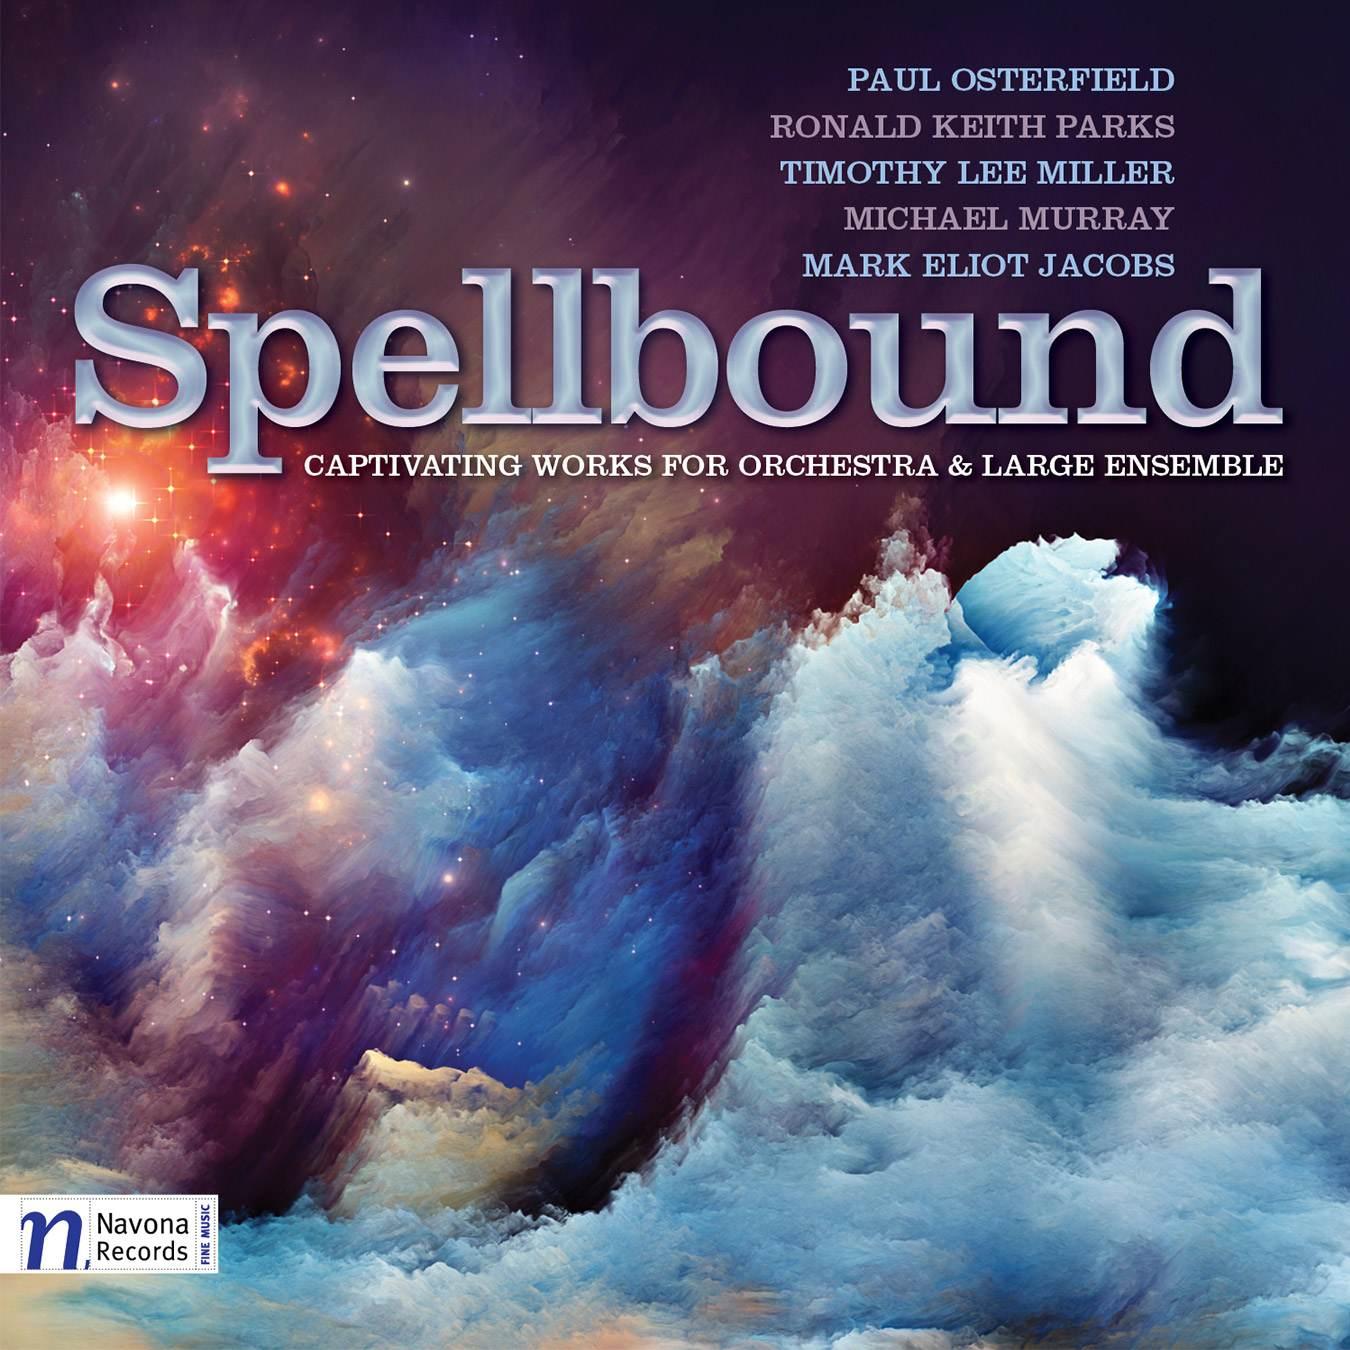 SPELLBOUND - Album Cover